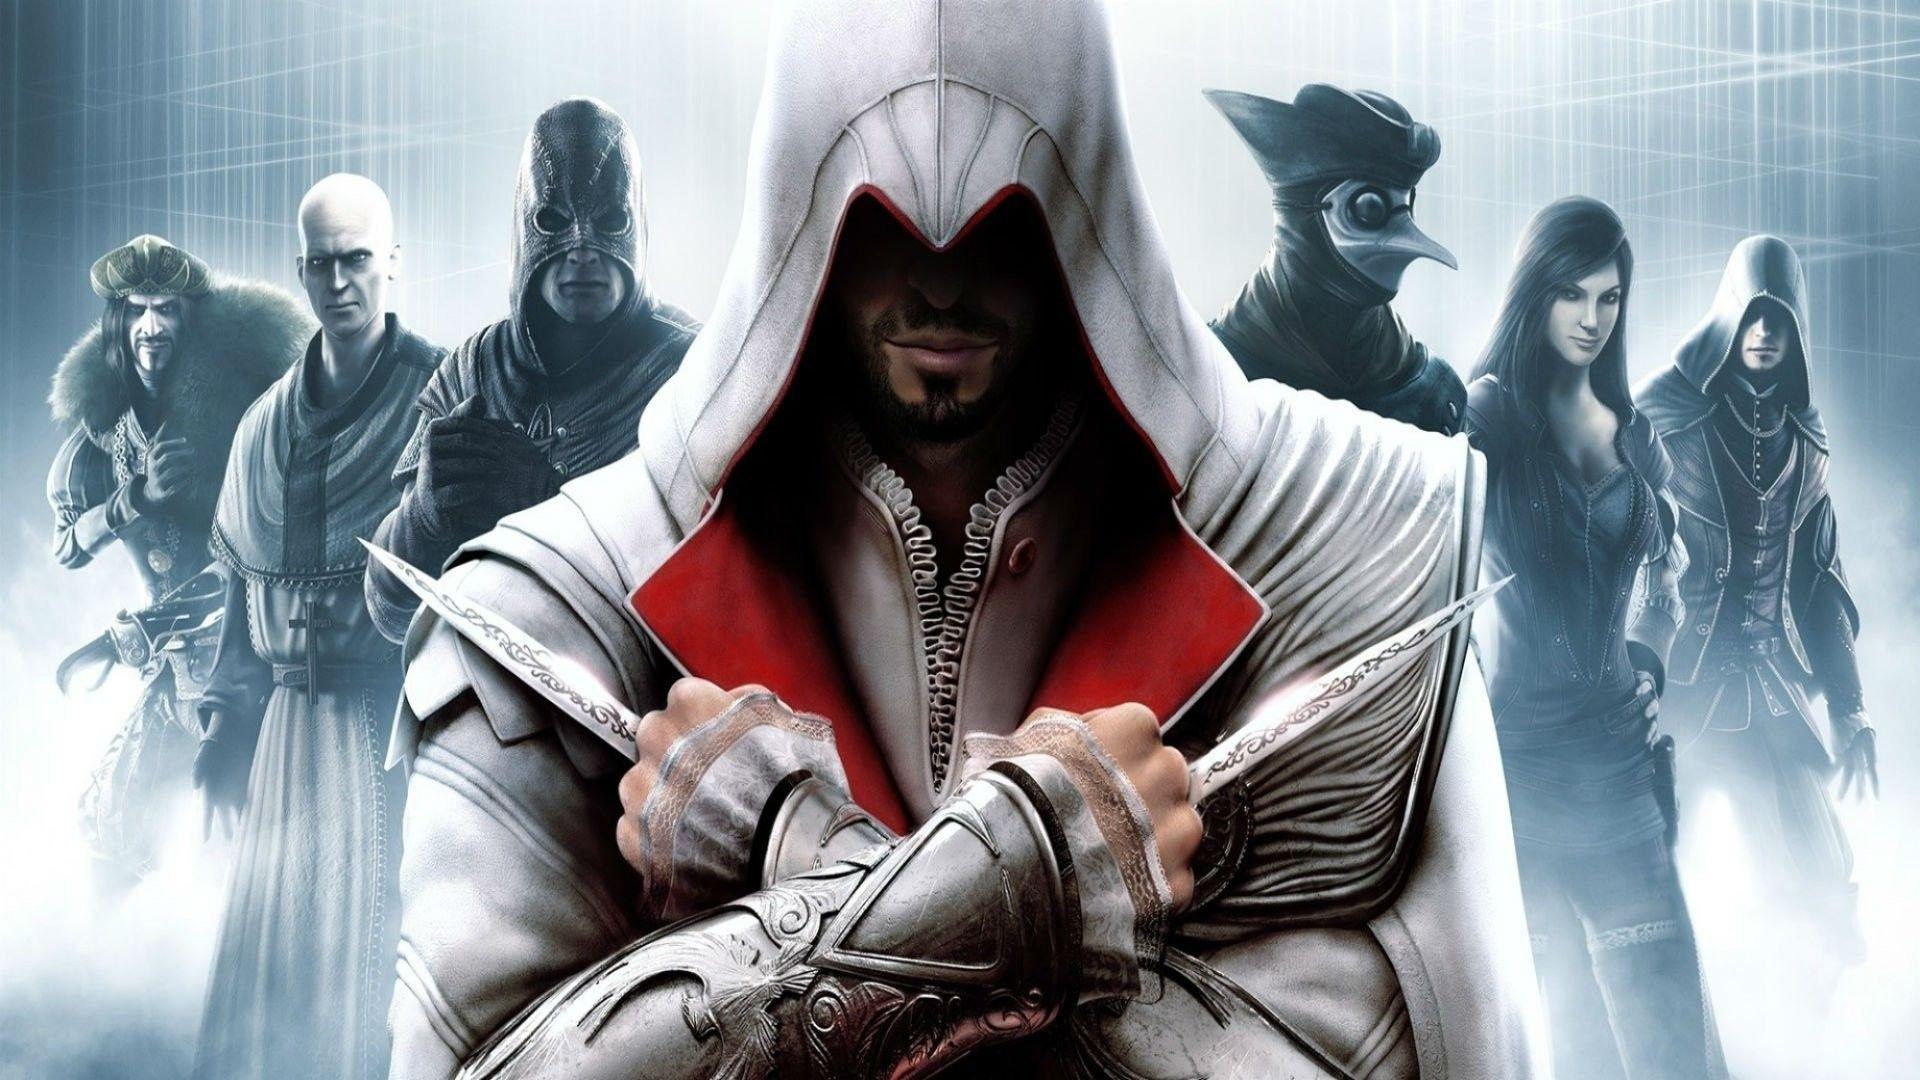 Assassin Creed Ezio Wallpaper